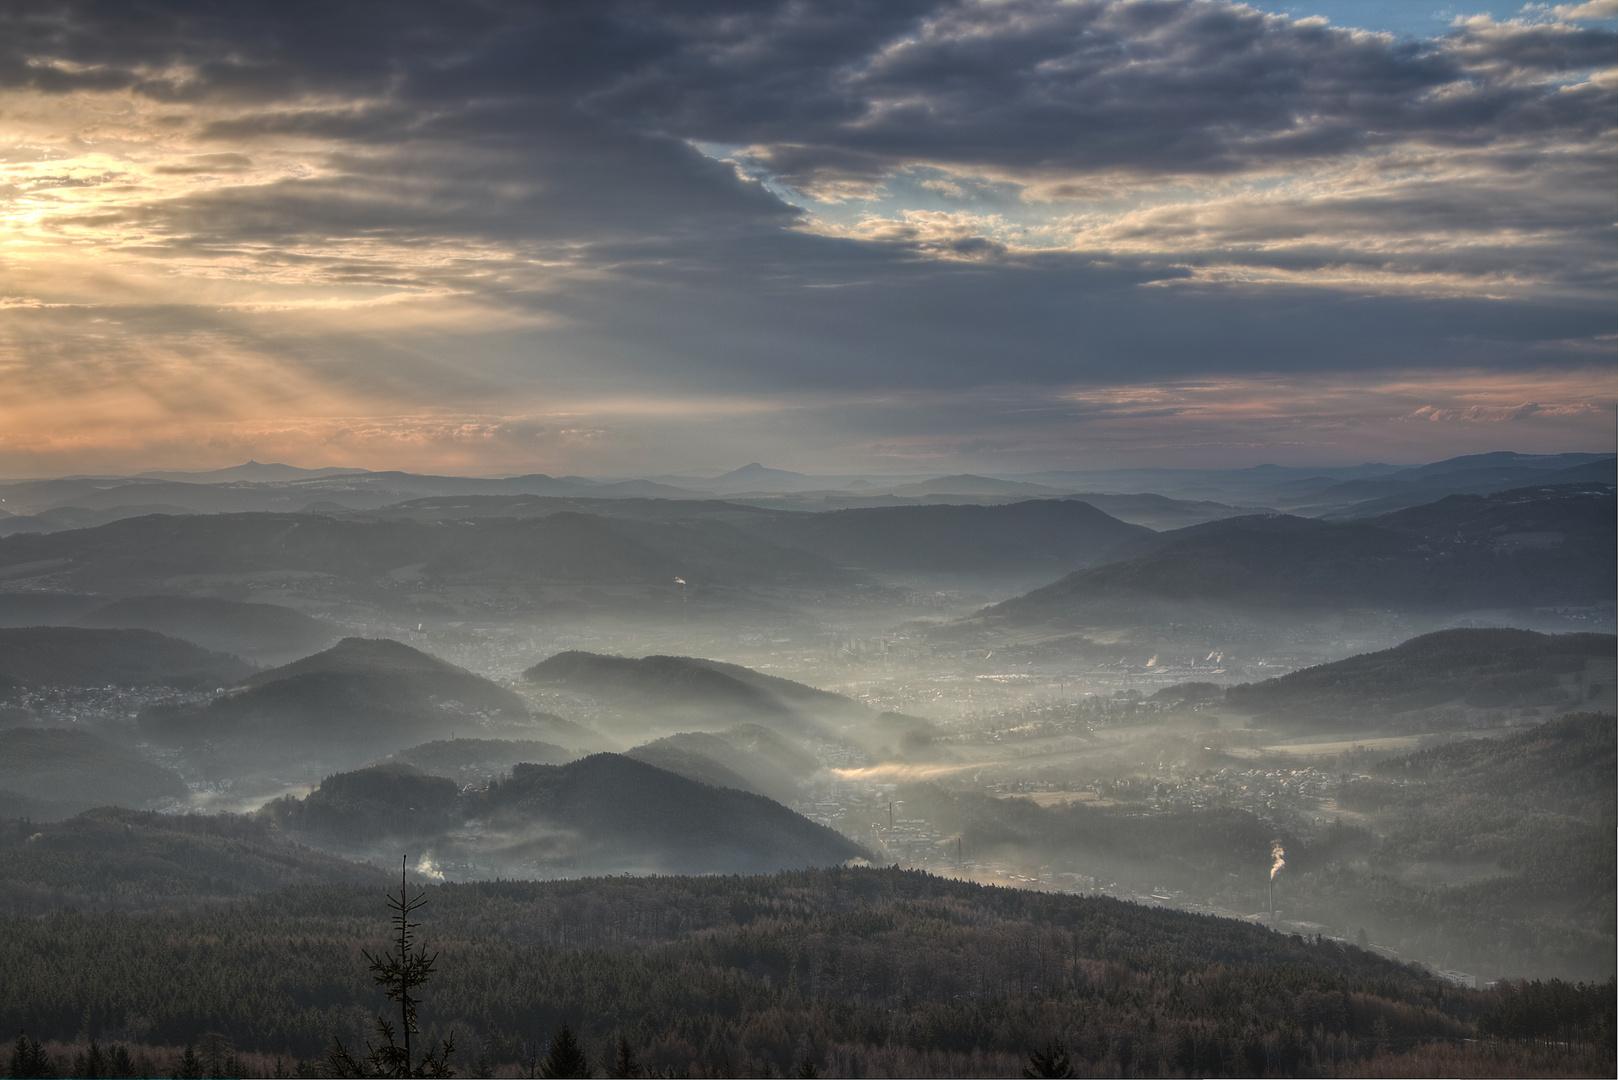 Morgen auf dem Schneeberg in Böhmen